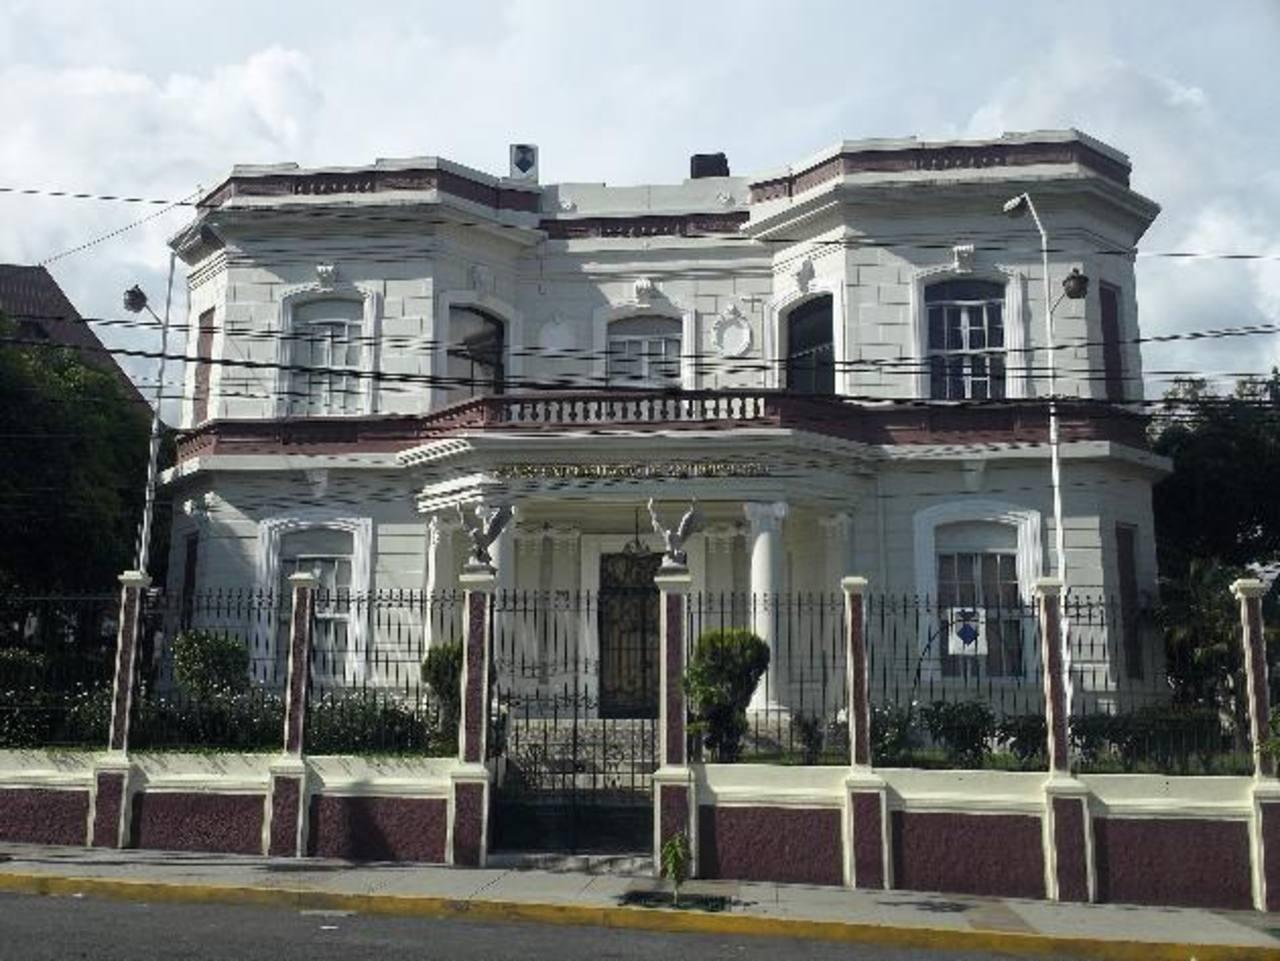 El Museo Universitario de Antropología está ubicado sobre la Calle Arce, en el centro de San Salvador.